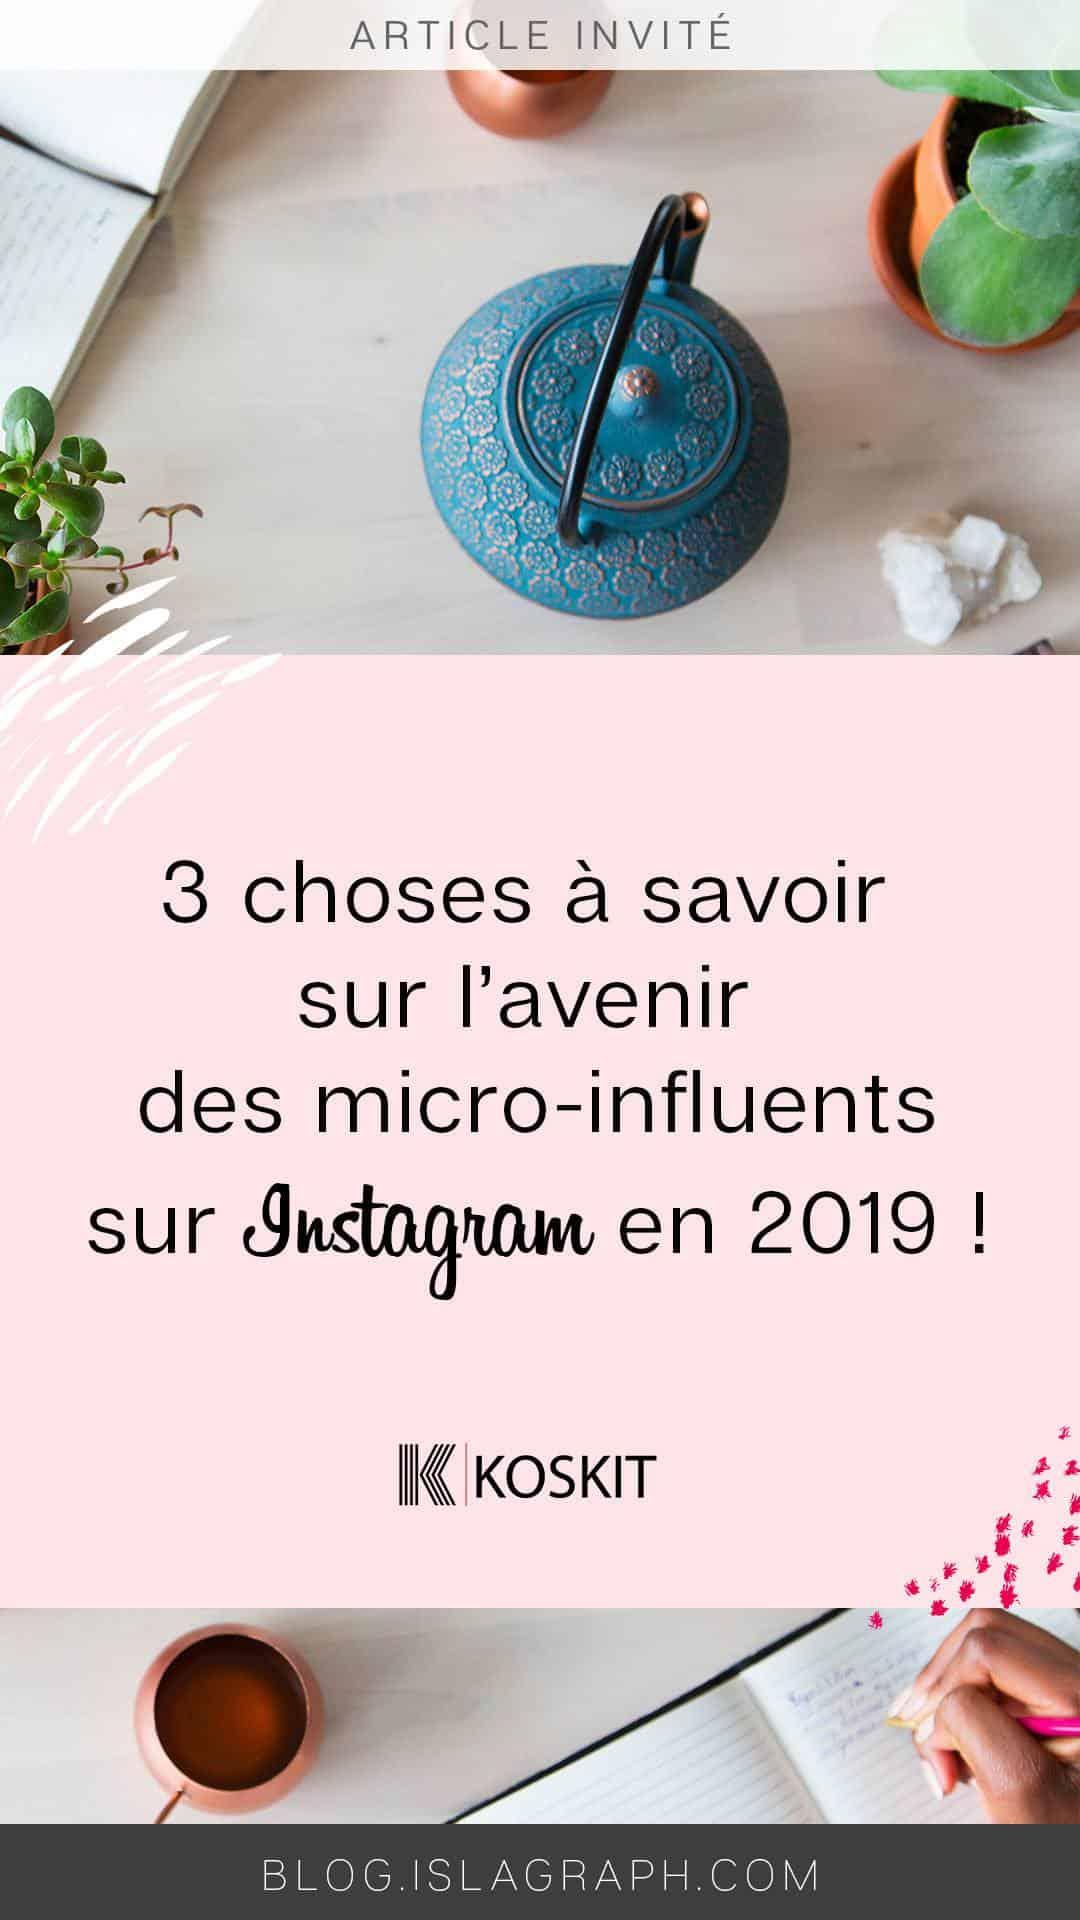 3 choses que tu dois savoir sur l'avenir des micro-influents sur Instagram en 2019